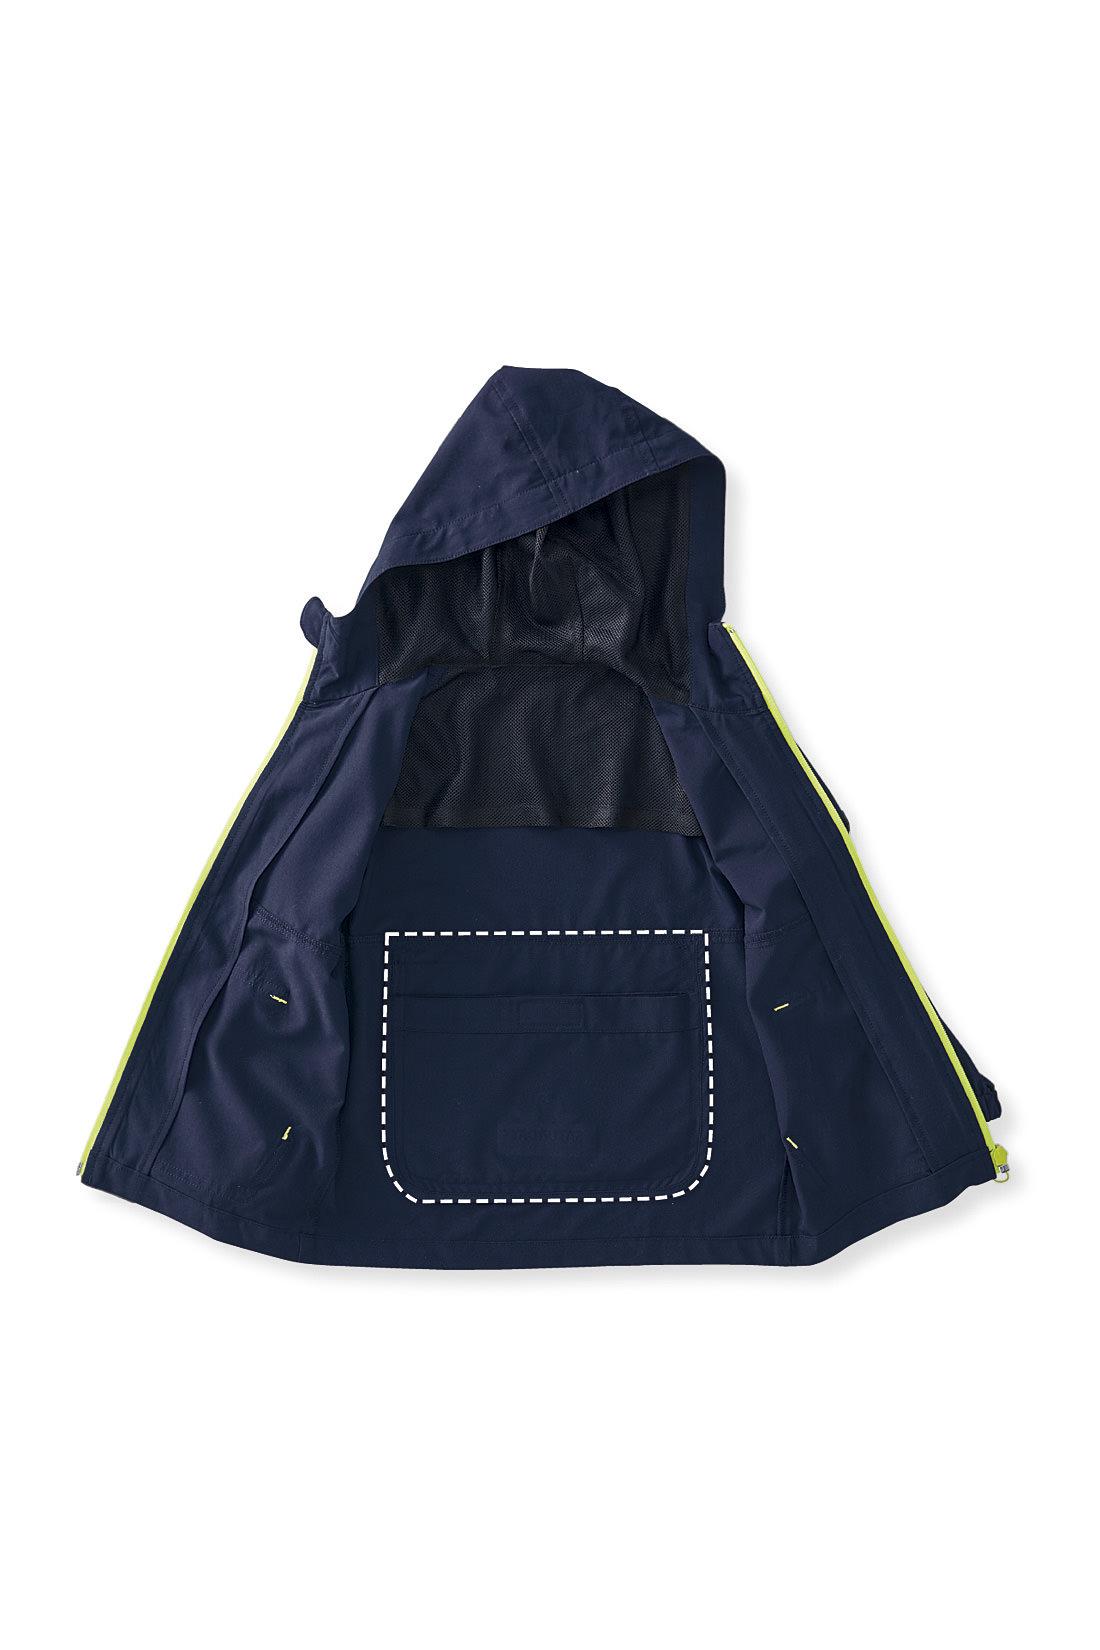 フード内側と背裏にはメッシュの裏地付き。汗をかいてもベタつかない!ポーチはブルゾンと一体型だから、なくす心配ナシ。